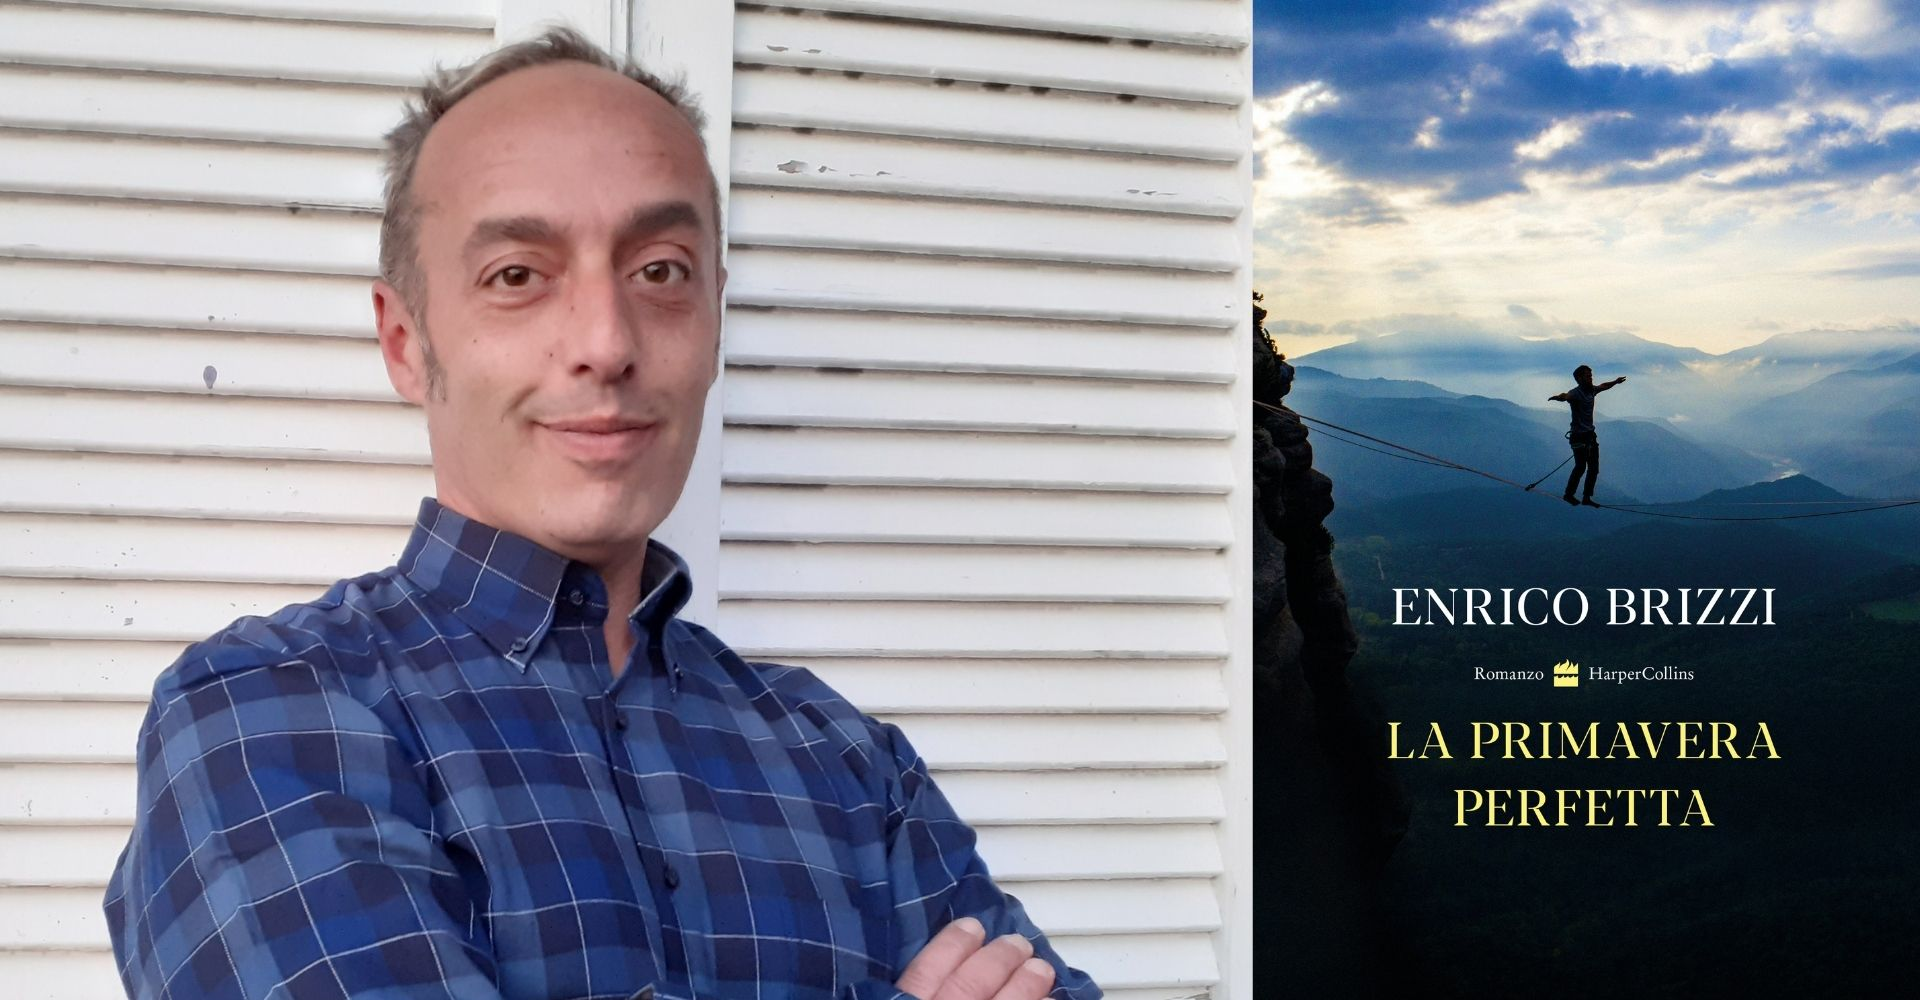 """""""I romanzi non devono avere una morale facile"""": dal nuovo libro ai viaggi a piedi, Enrico Brizzi si racconta"""